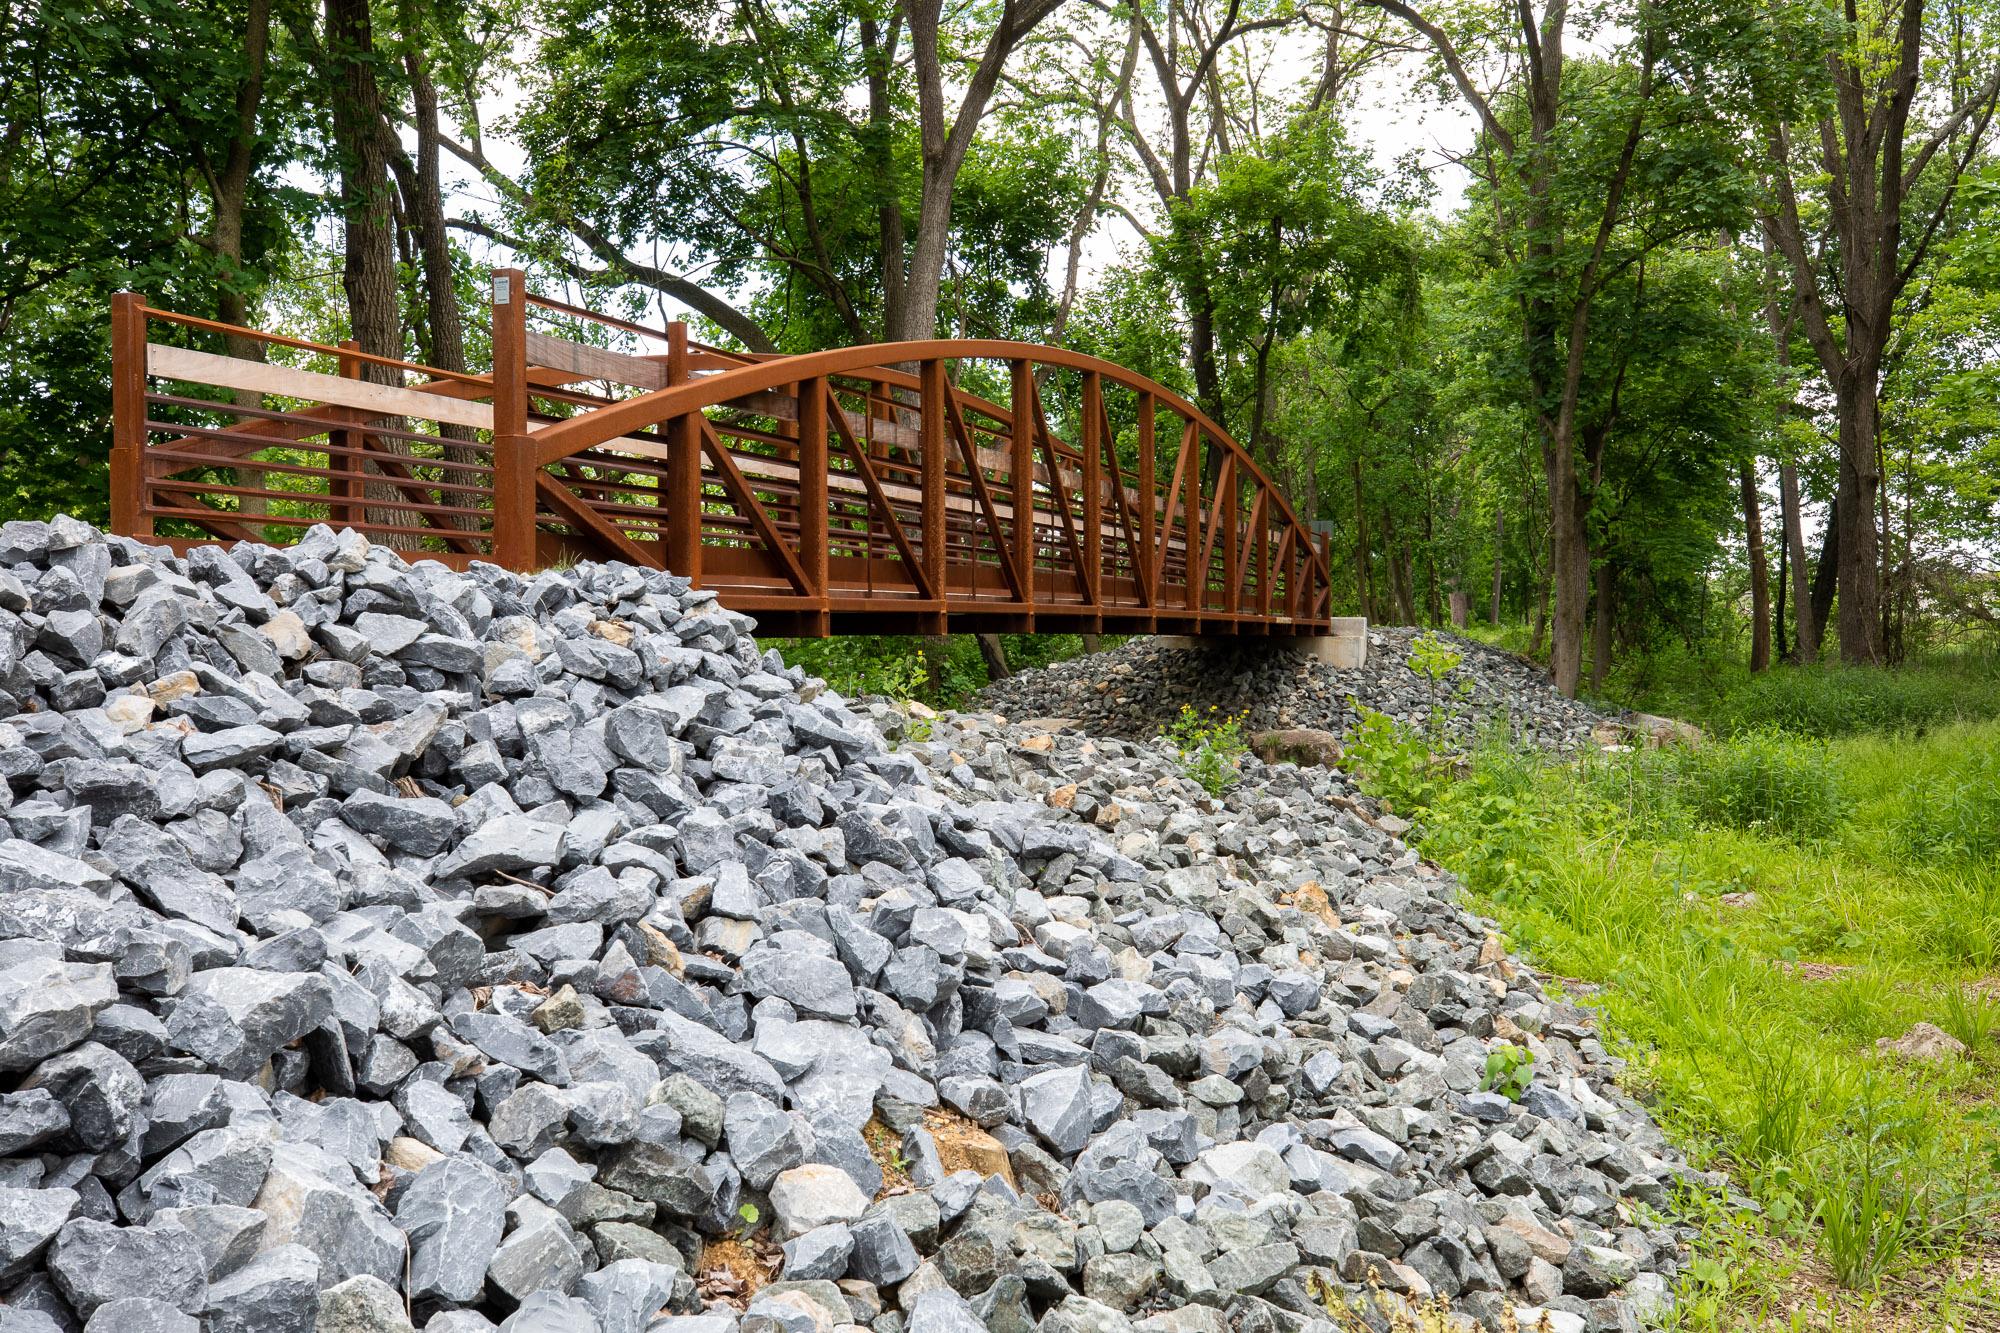 Breinigsville Park Pedestrian Bridge